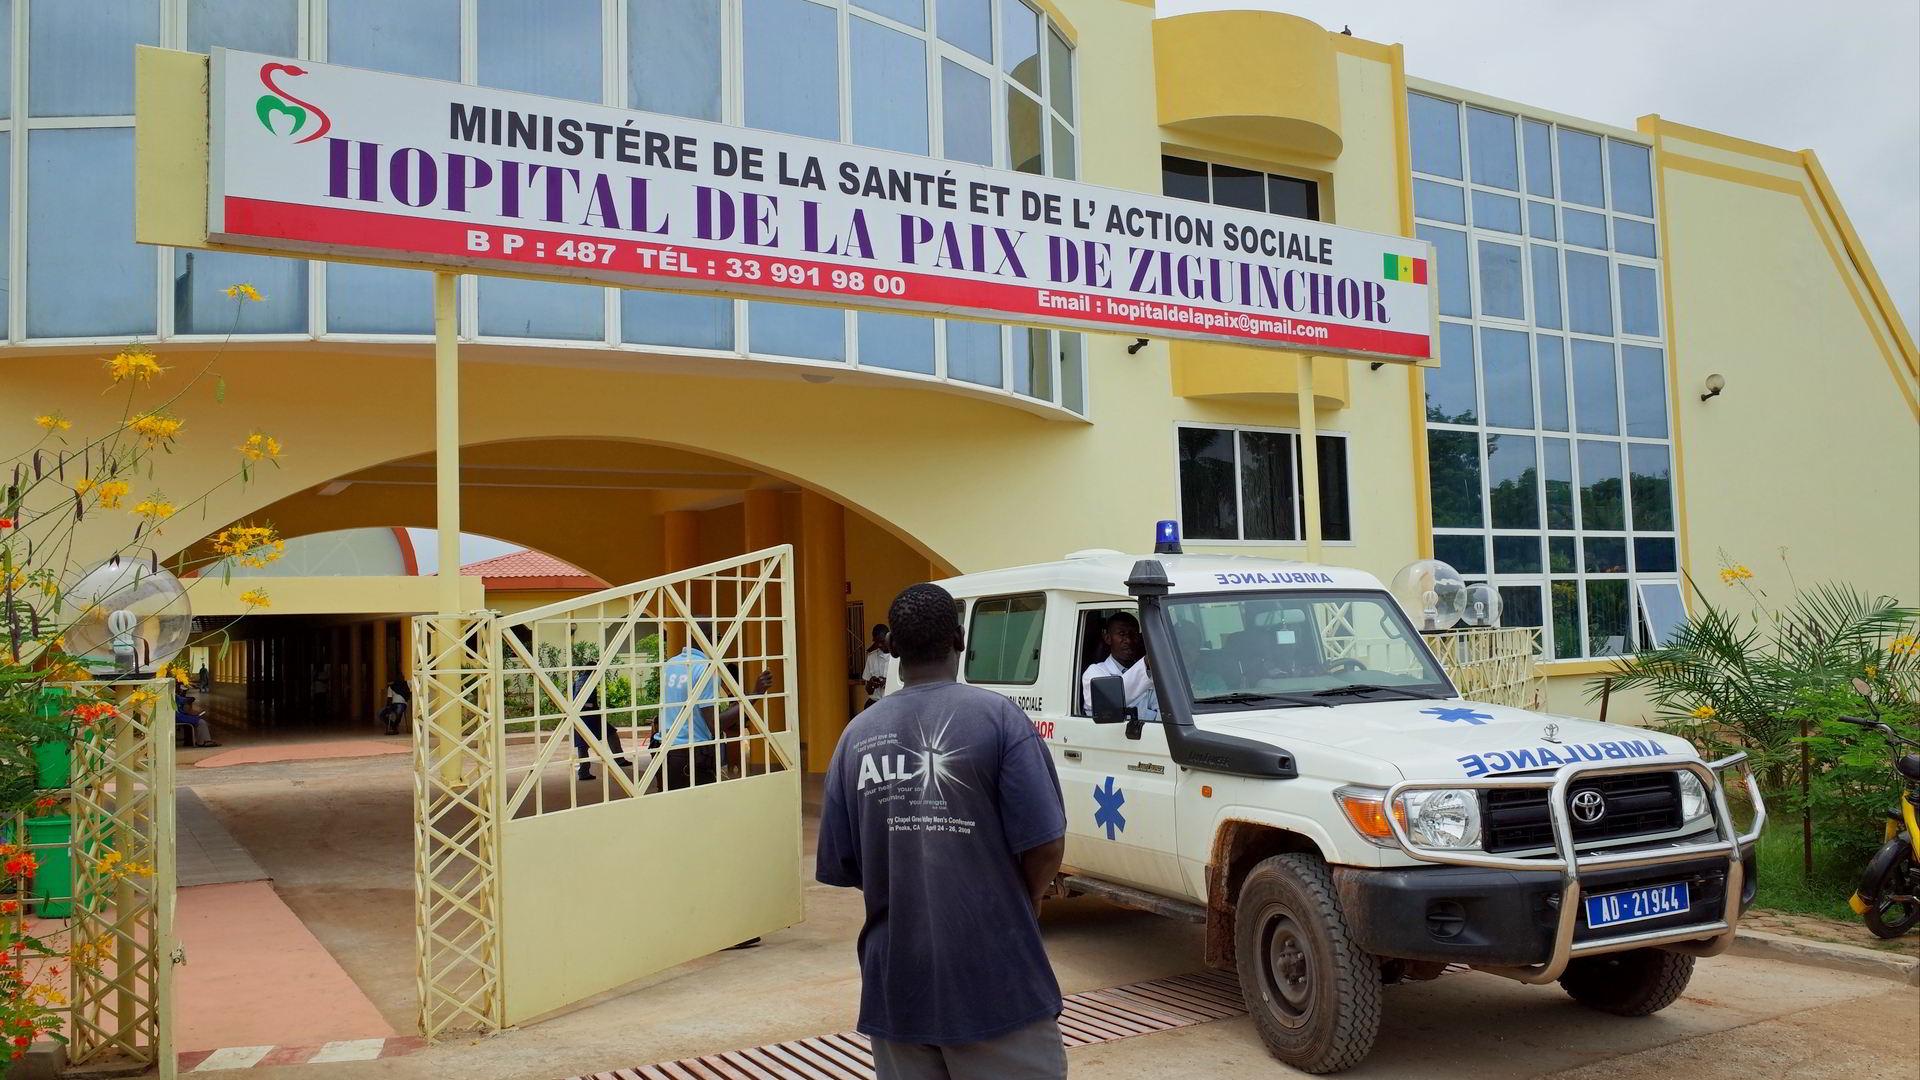 Grogne des travailleurs de l'hôpital de la paix: le mot d'ordre de 48 heures de grève reconduit